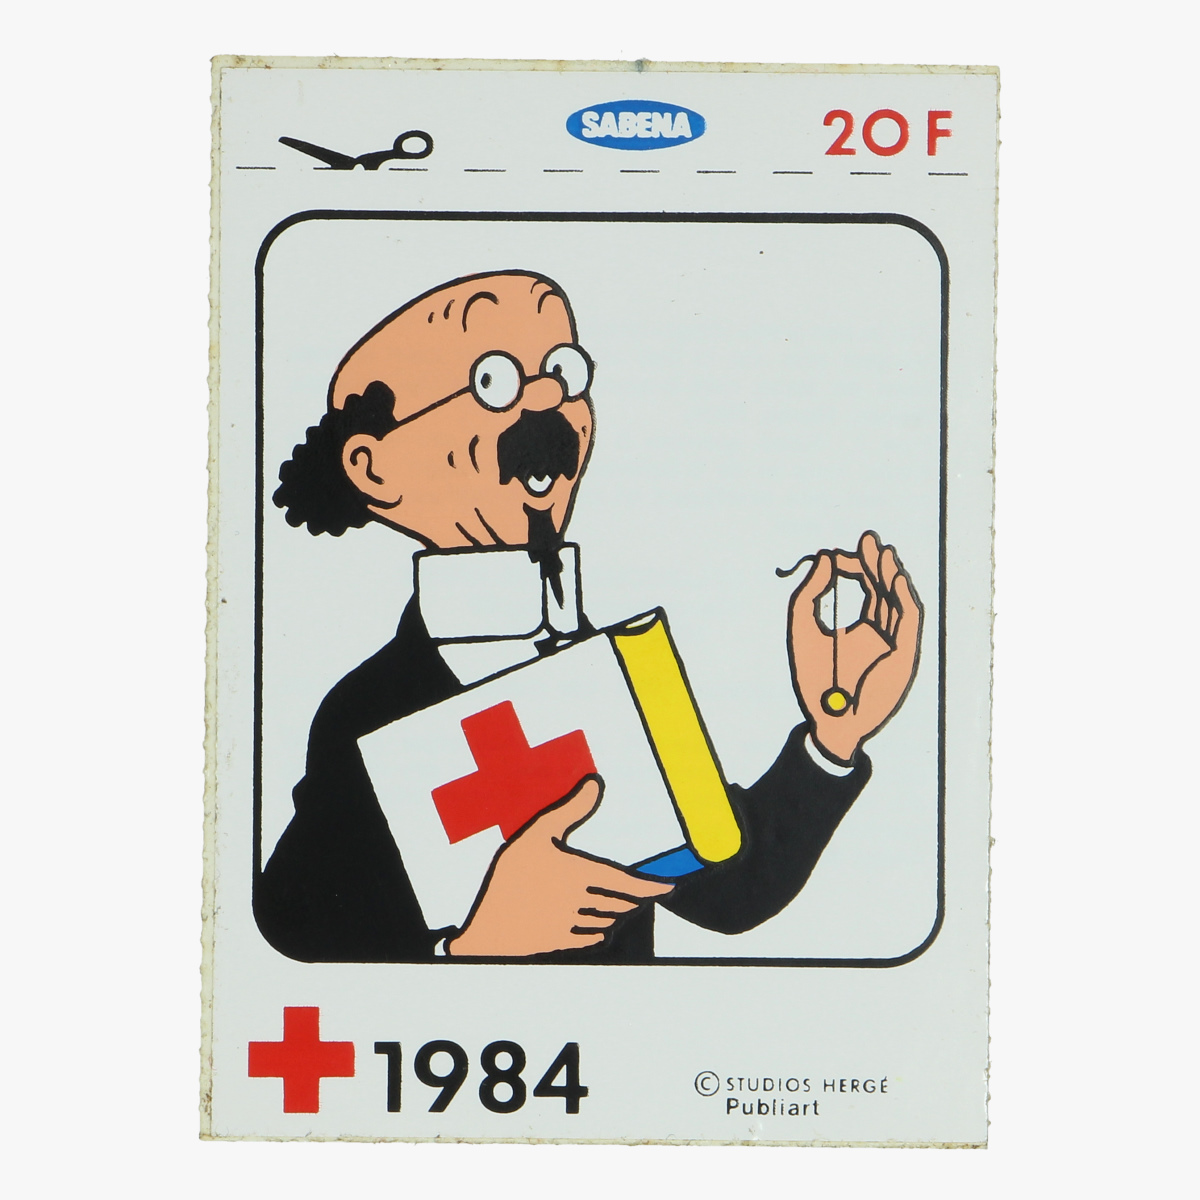 Afbeeldingen van sticker hergé, sabena, het belgische rode kruis 1984